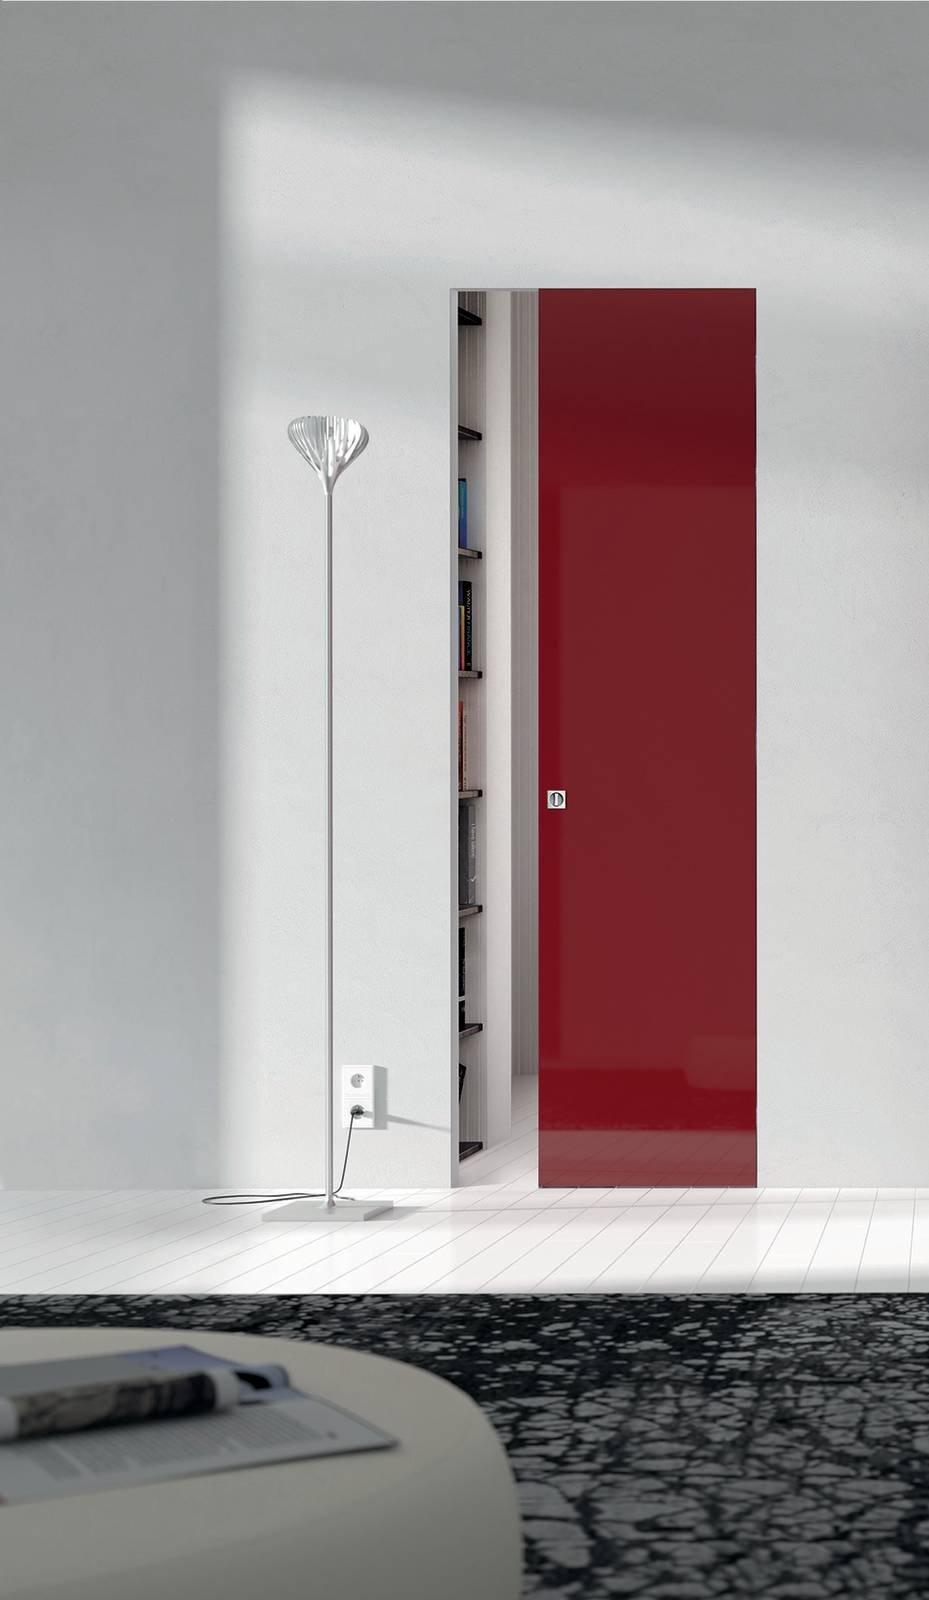 Porte Scorrevoli Scrigno Prezzi.Porte Scorrevoli Scrigno Essential Prezzi Good Doortech By Scrigno